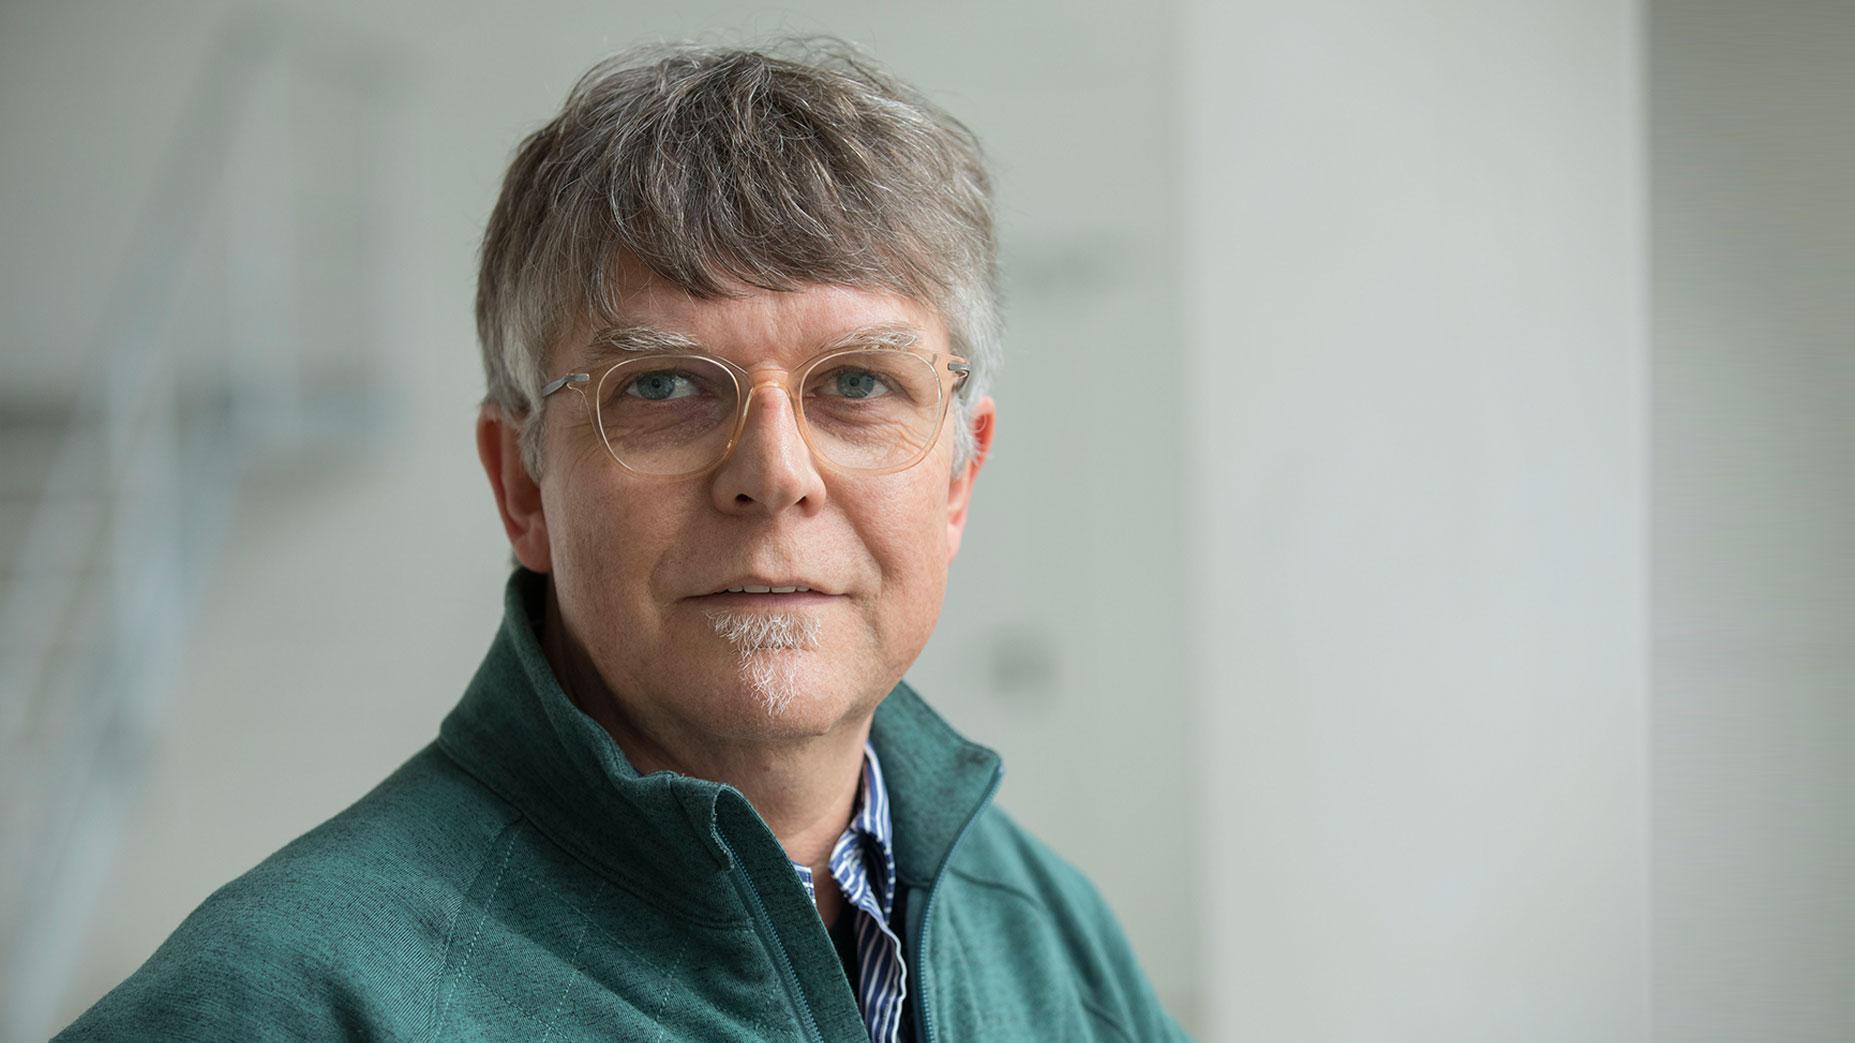 Daniel Vonplon (tpc/ Klaus Görgen)